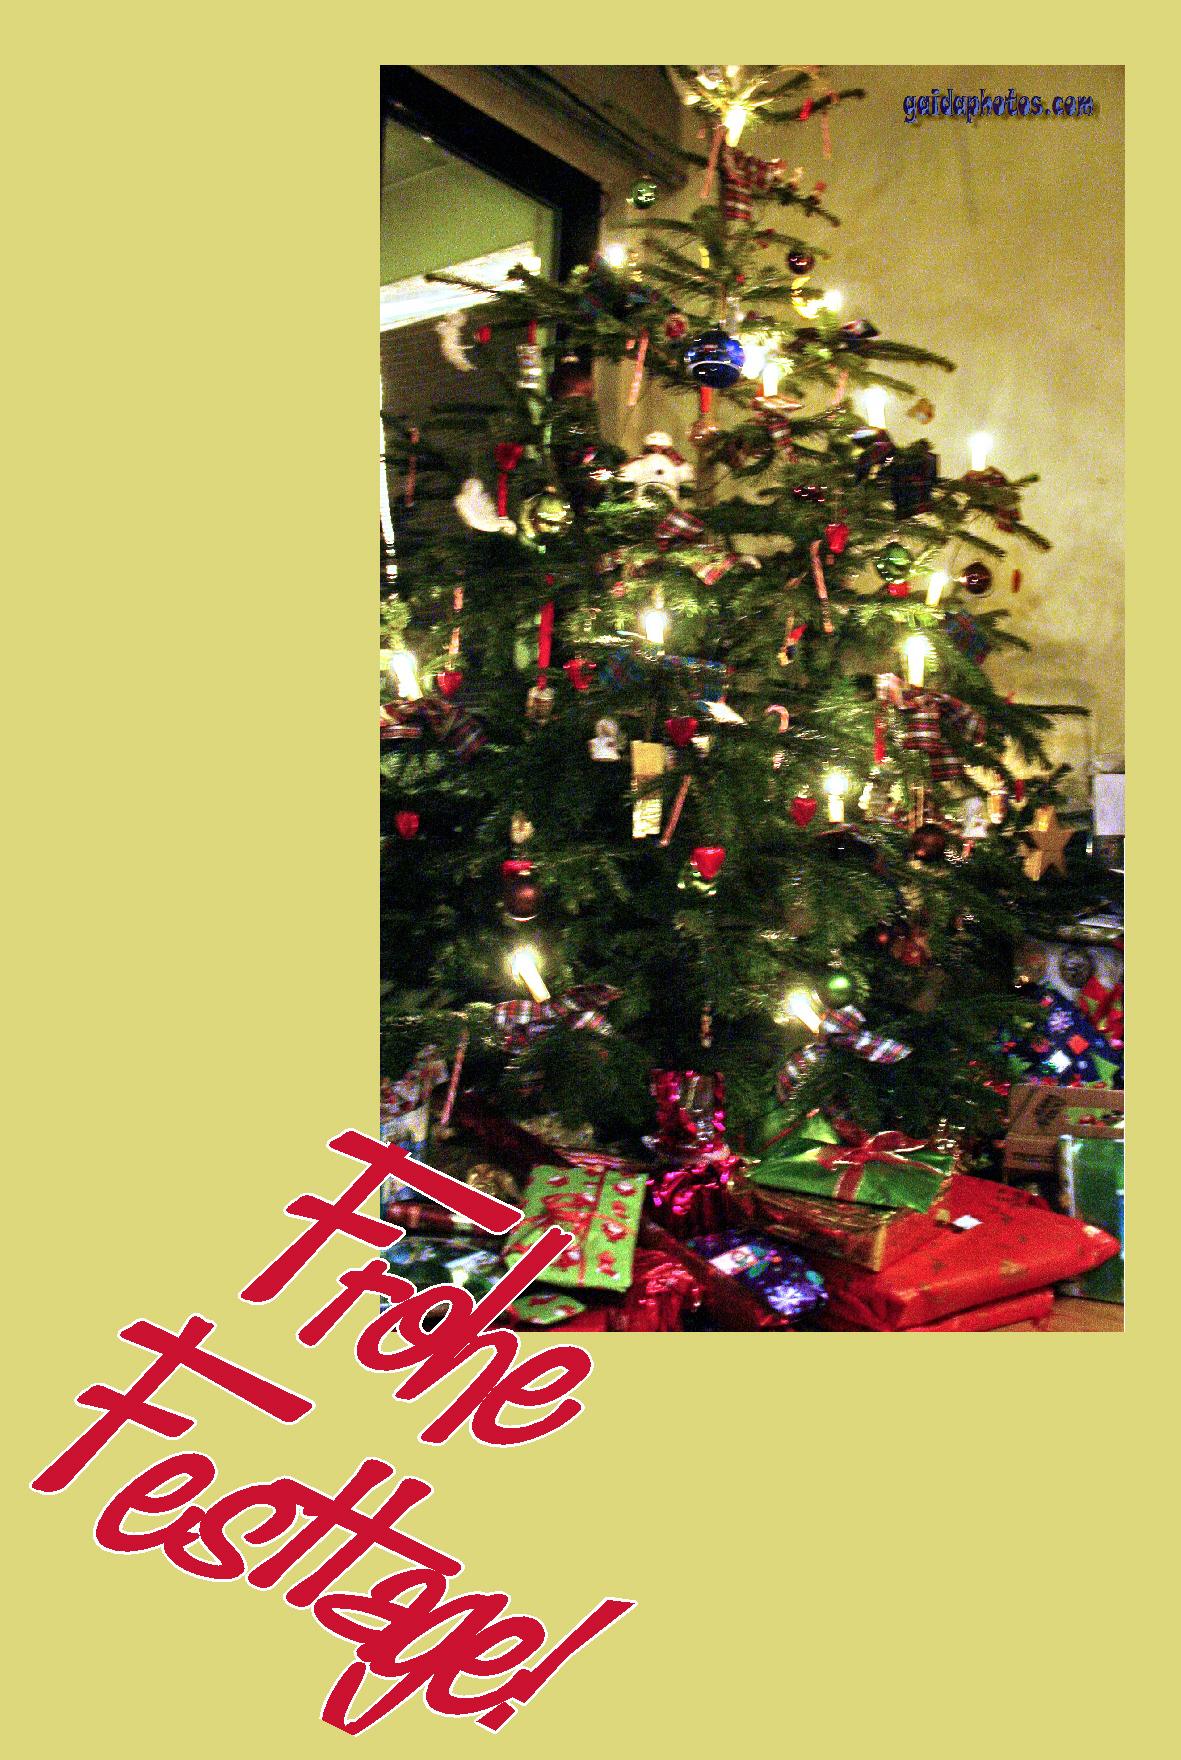 Kostenlose weihnachtskarte mit weihnachtsbaum - Weihnachtskarten kostenlos verschicken ...